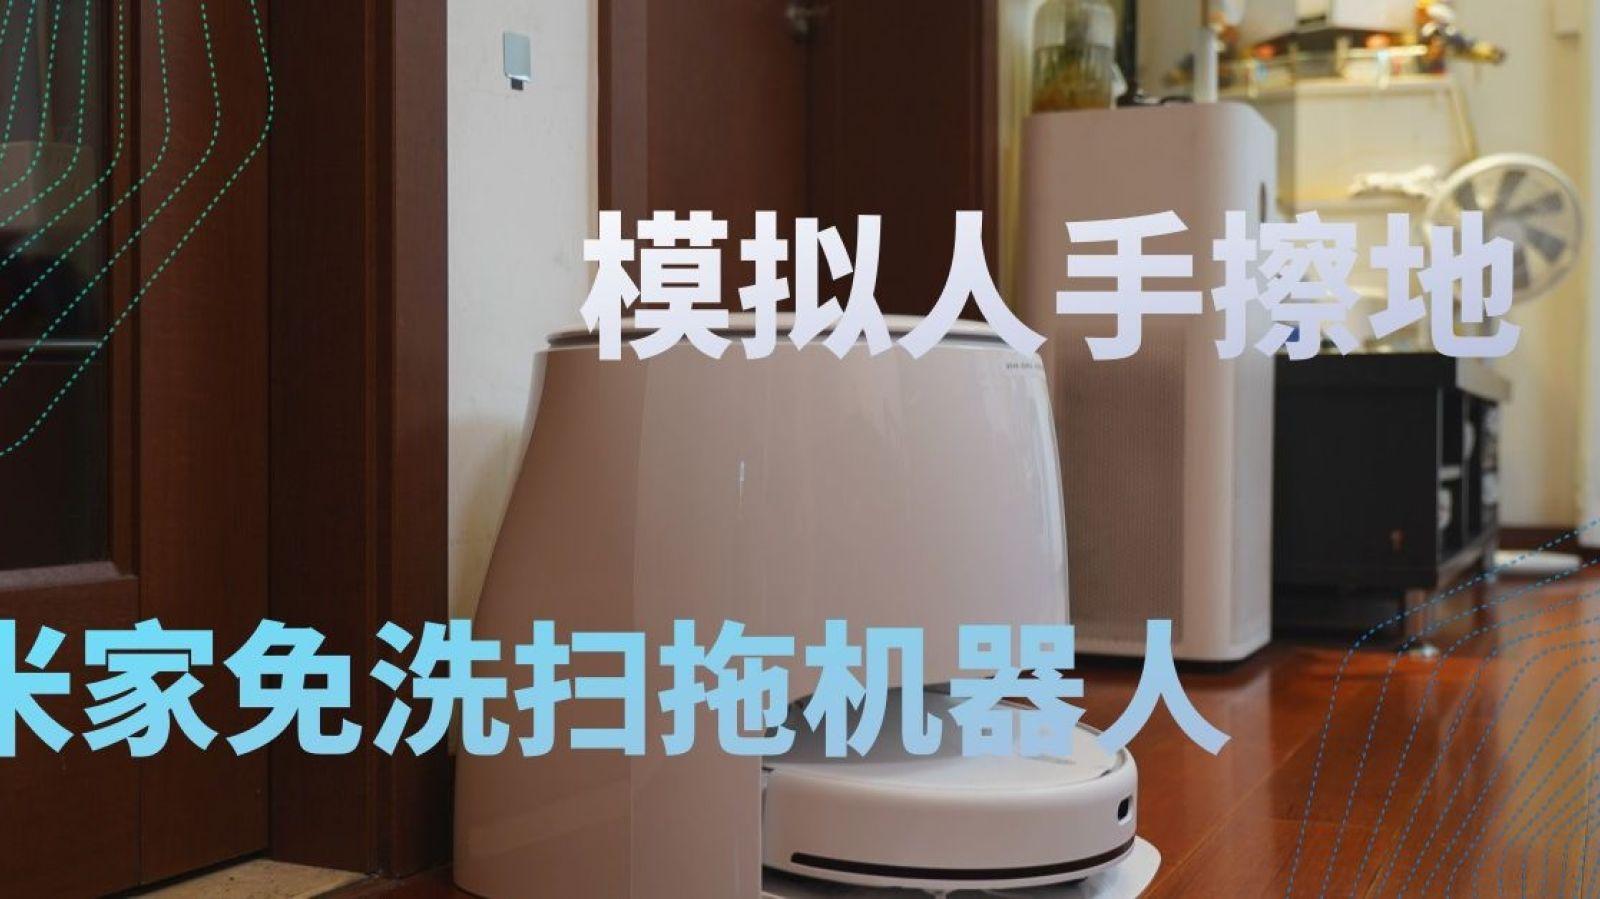 像手擦地一样干净,米家免洗扫拖机器人体验!